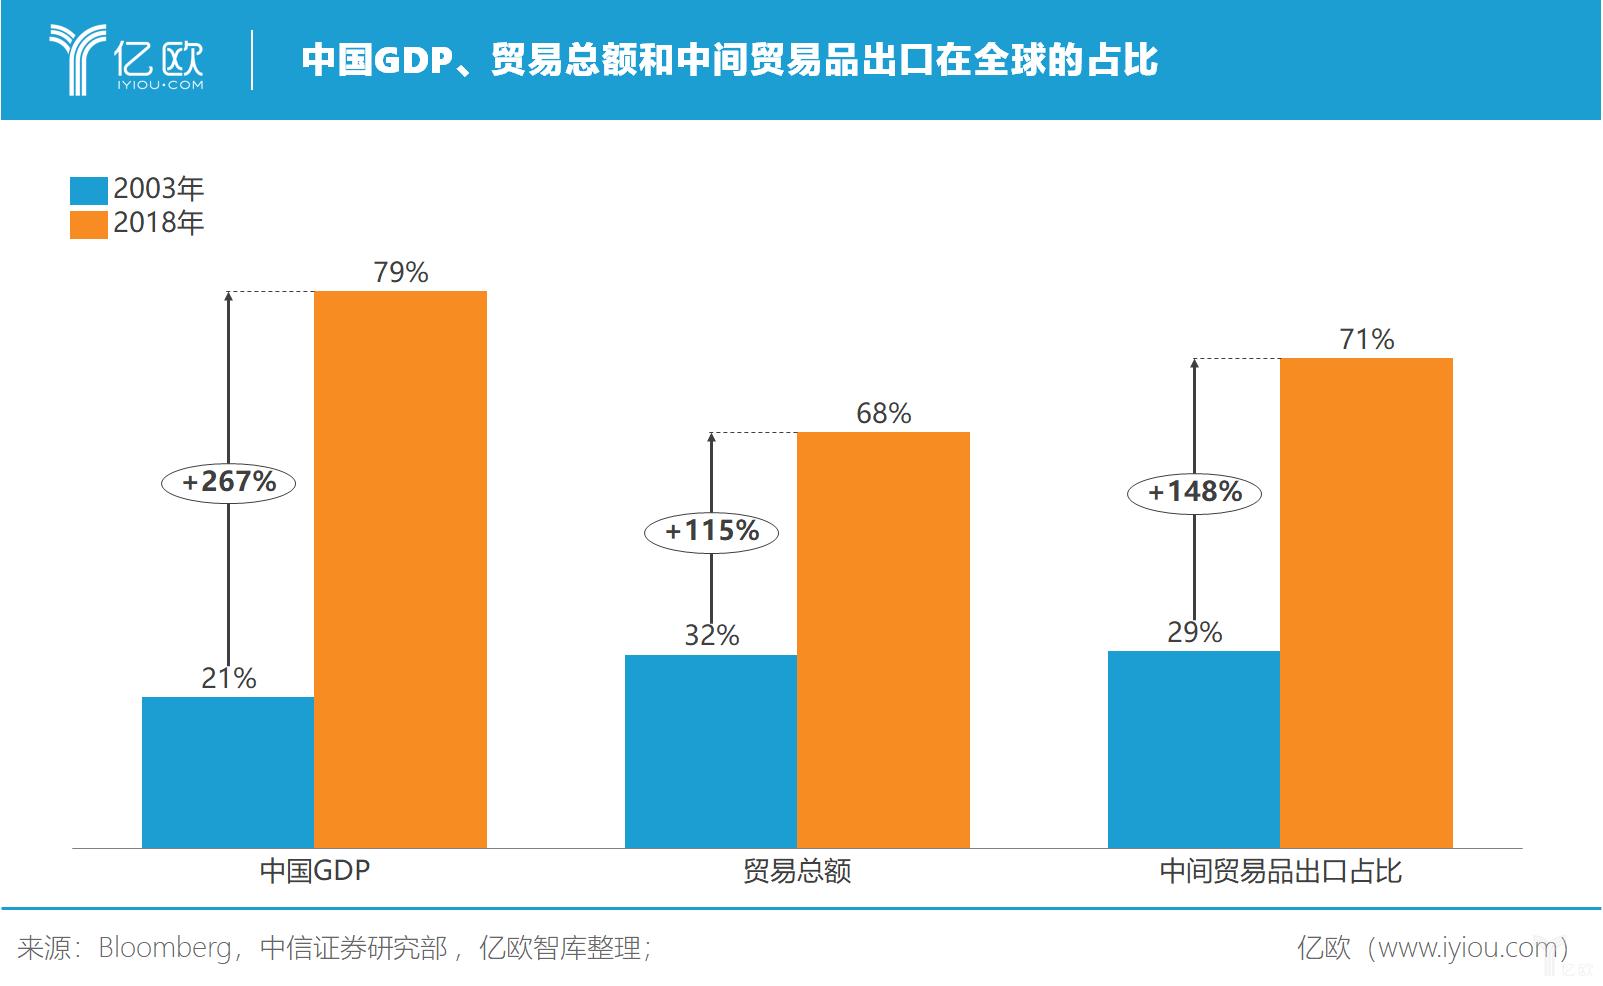 億歐智庫:中国GDP、贸易总额和中间贸易品出口在全球占比